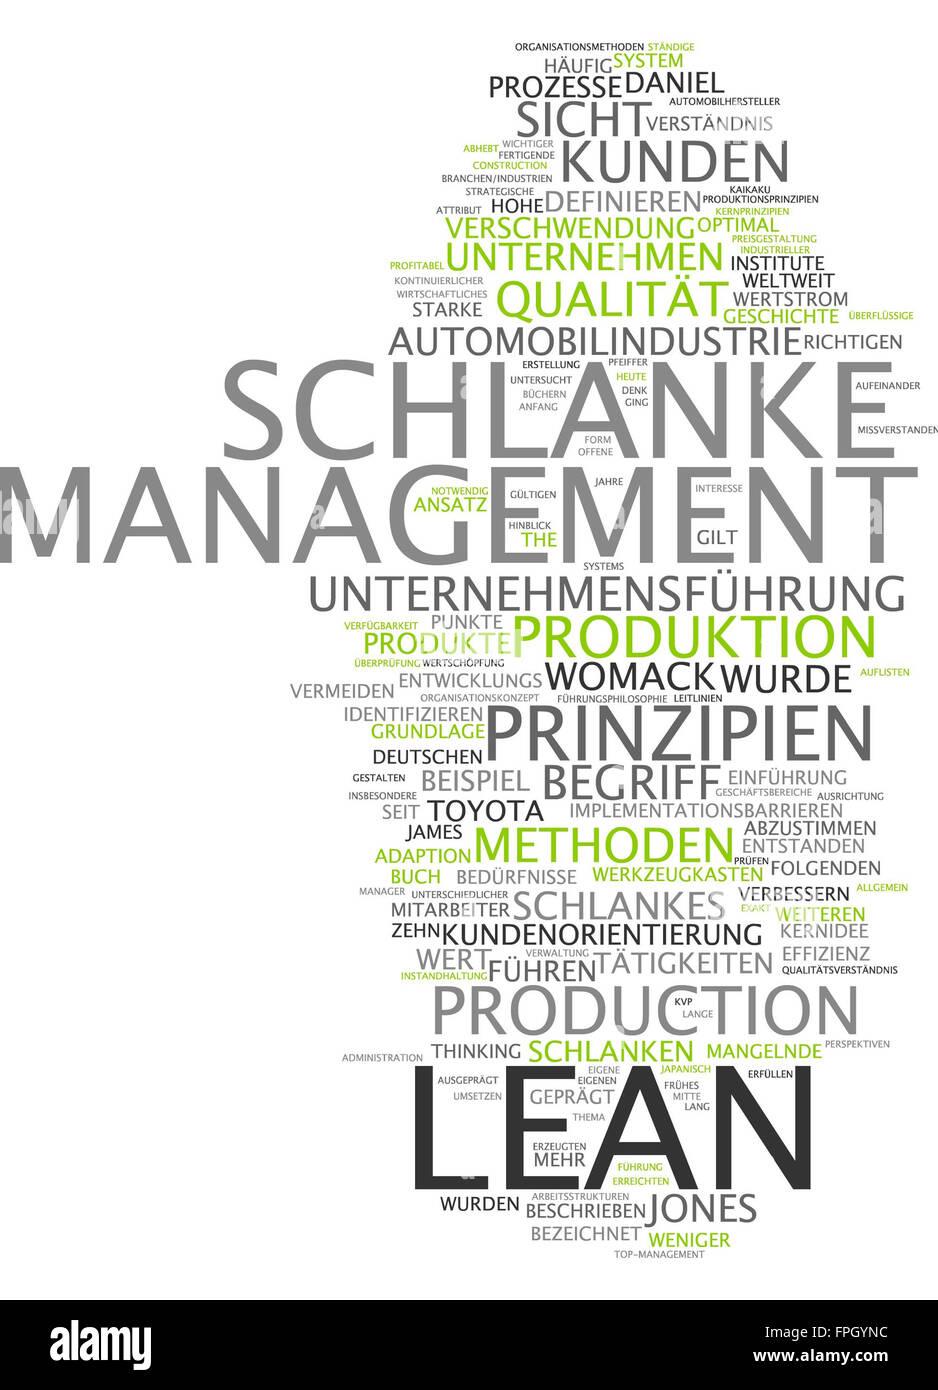 Lean management prinzipien